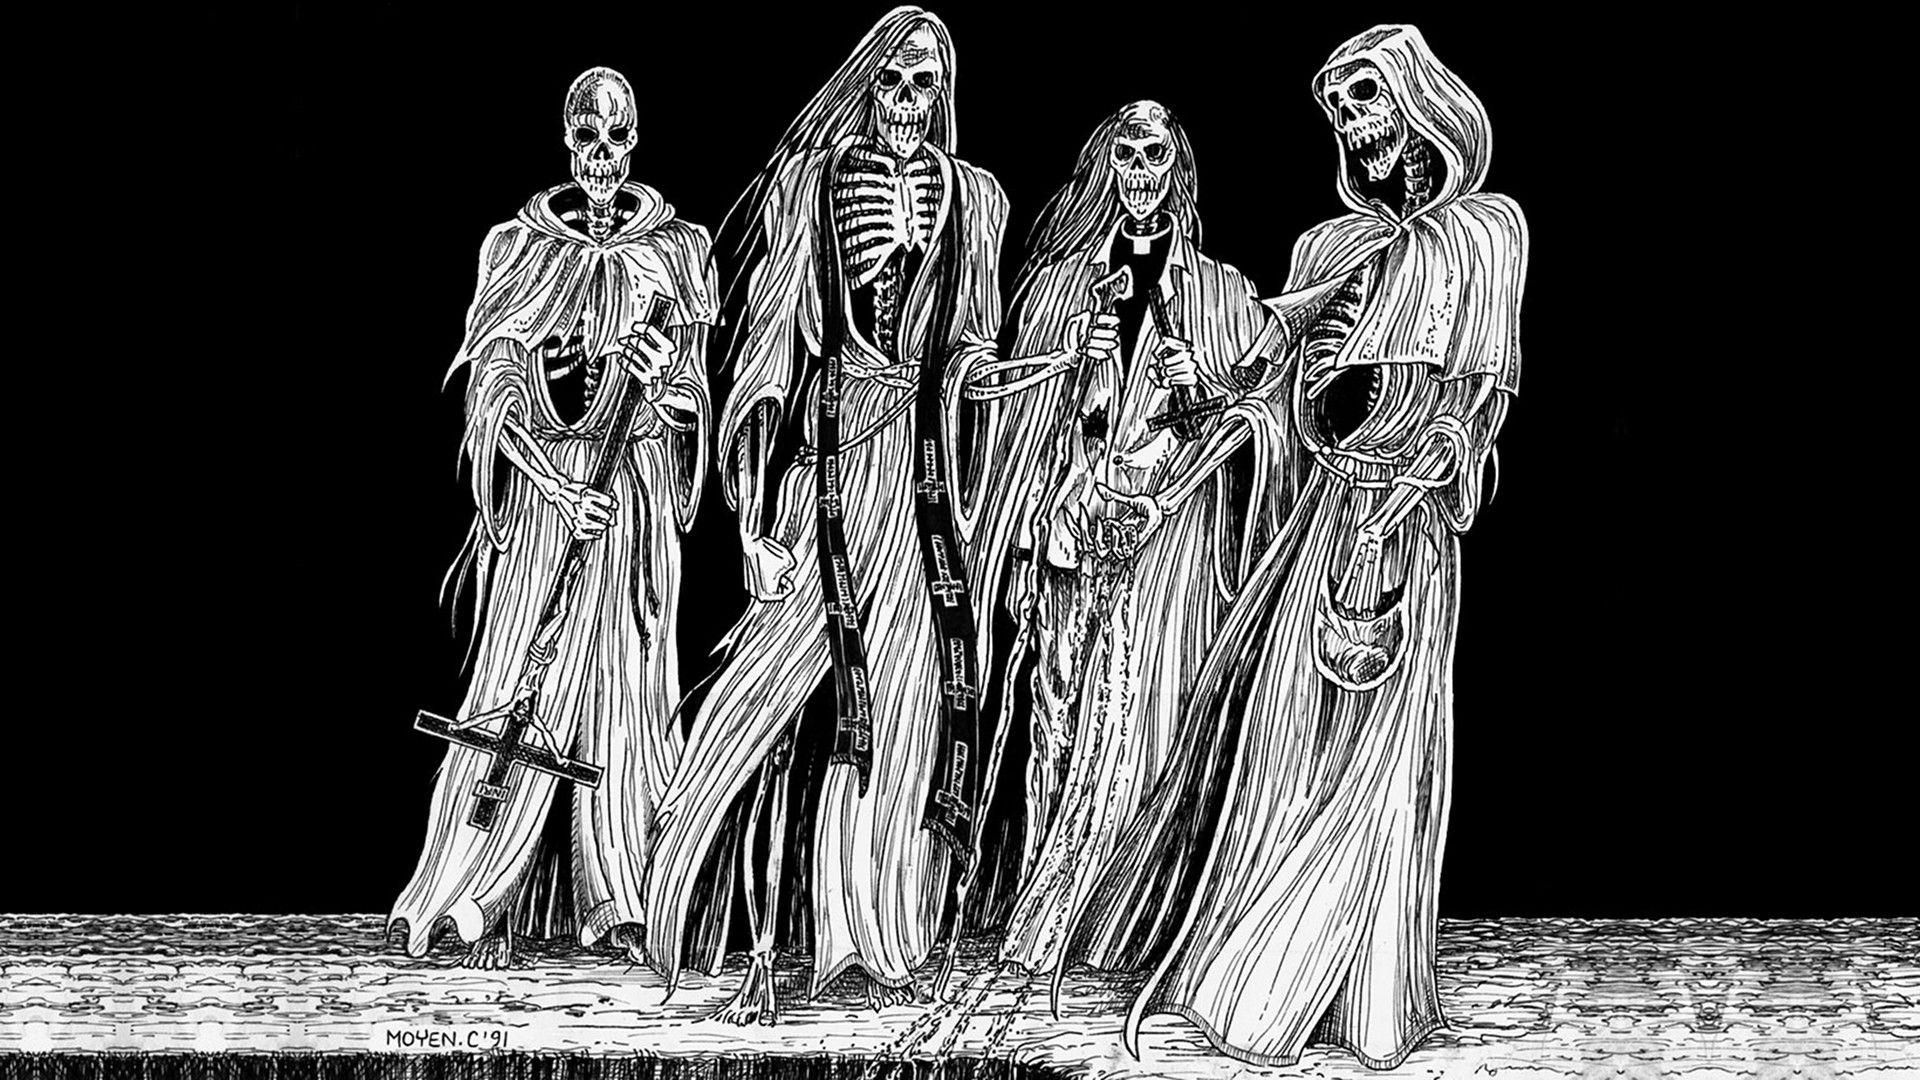 Metal Heavy Metal Black Metal Beherit Occultism Fresh New Hd Wallpaper Jpg 1920 1080 Heavy Metal Art Skeleton Warrior Dark Art